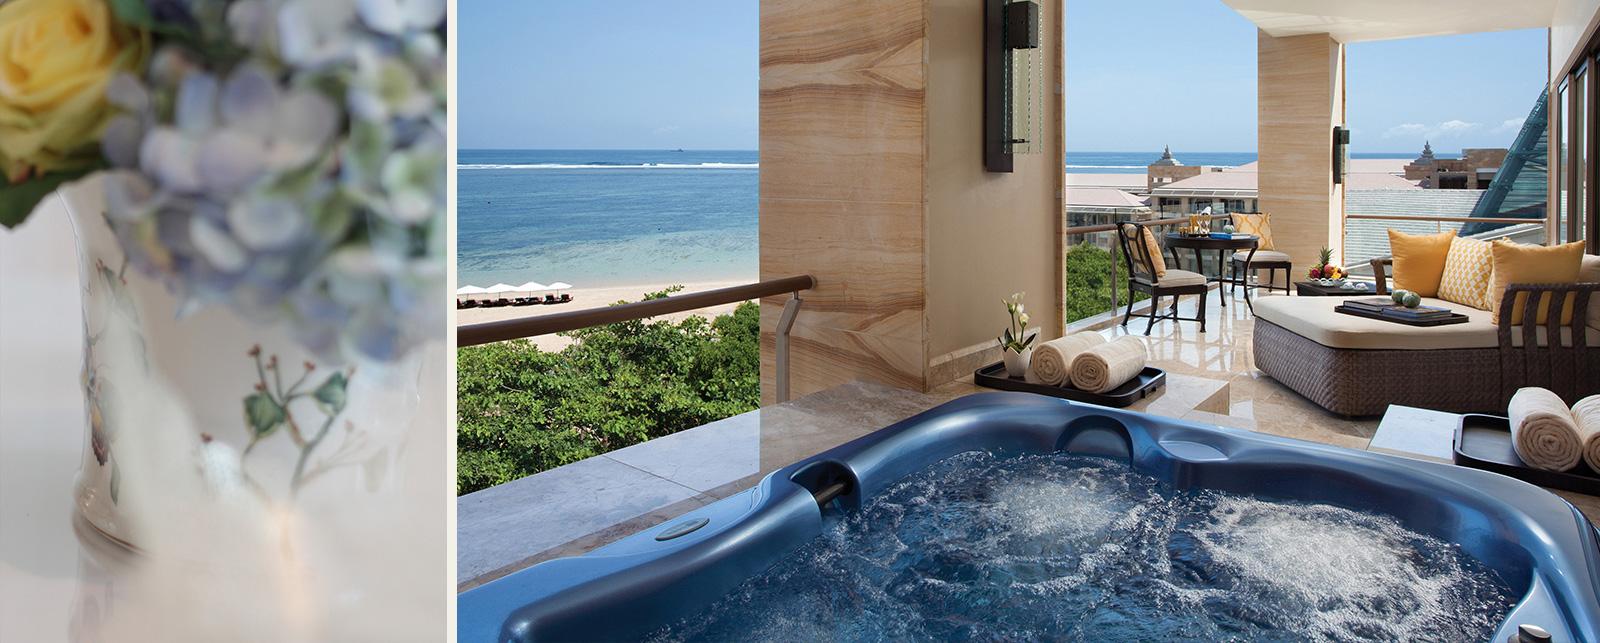 Nusa Dua Beach Hotel Premier Room